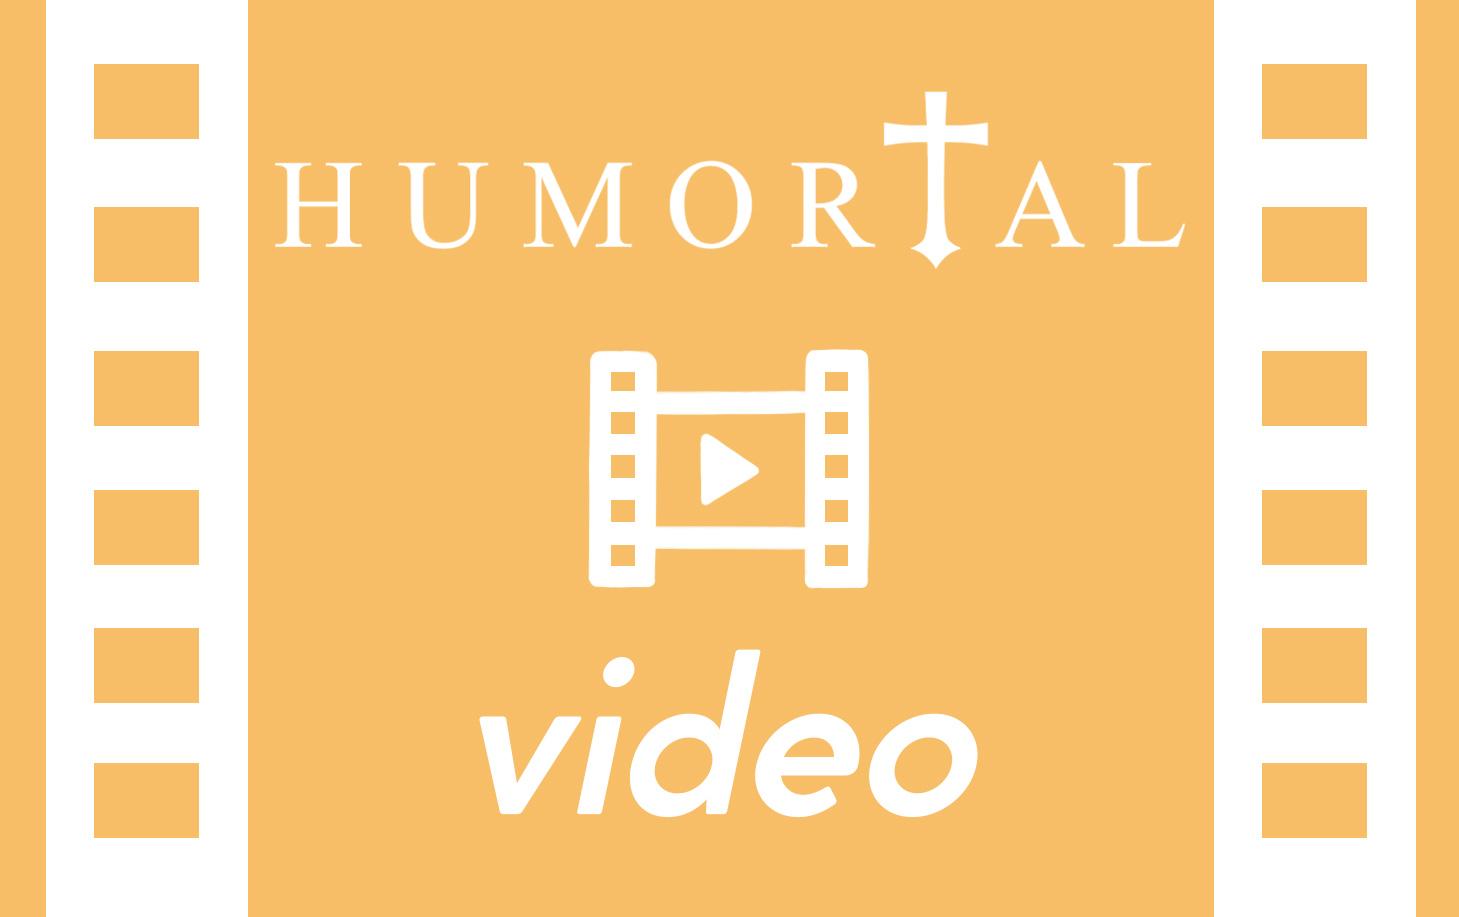 VIDEO HUMORTAL taronja